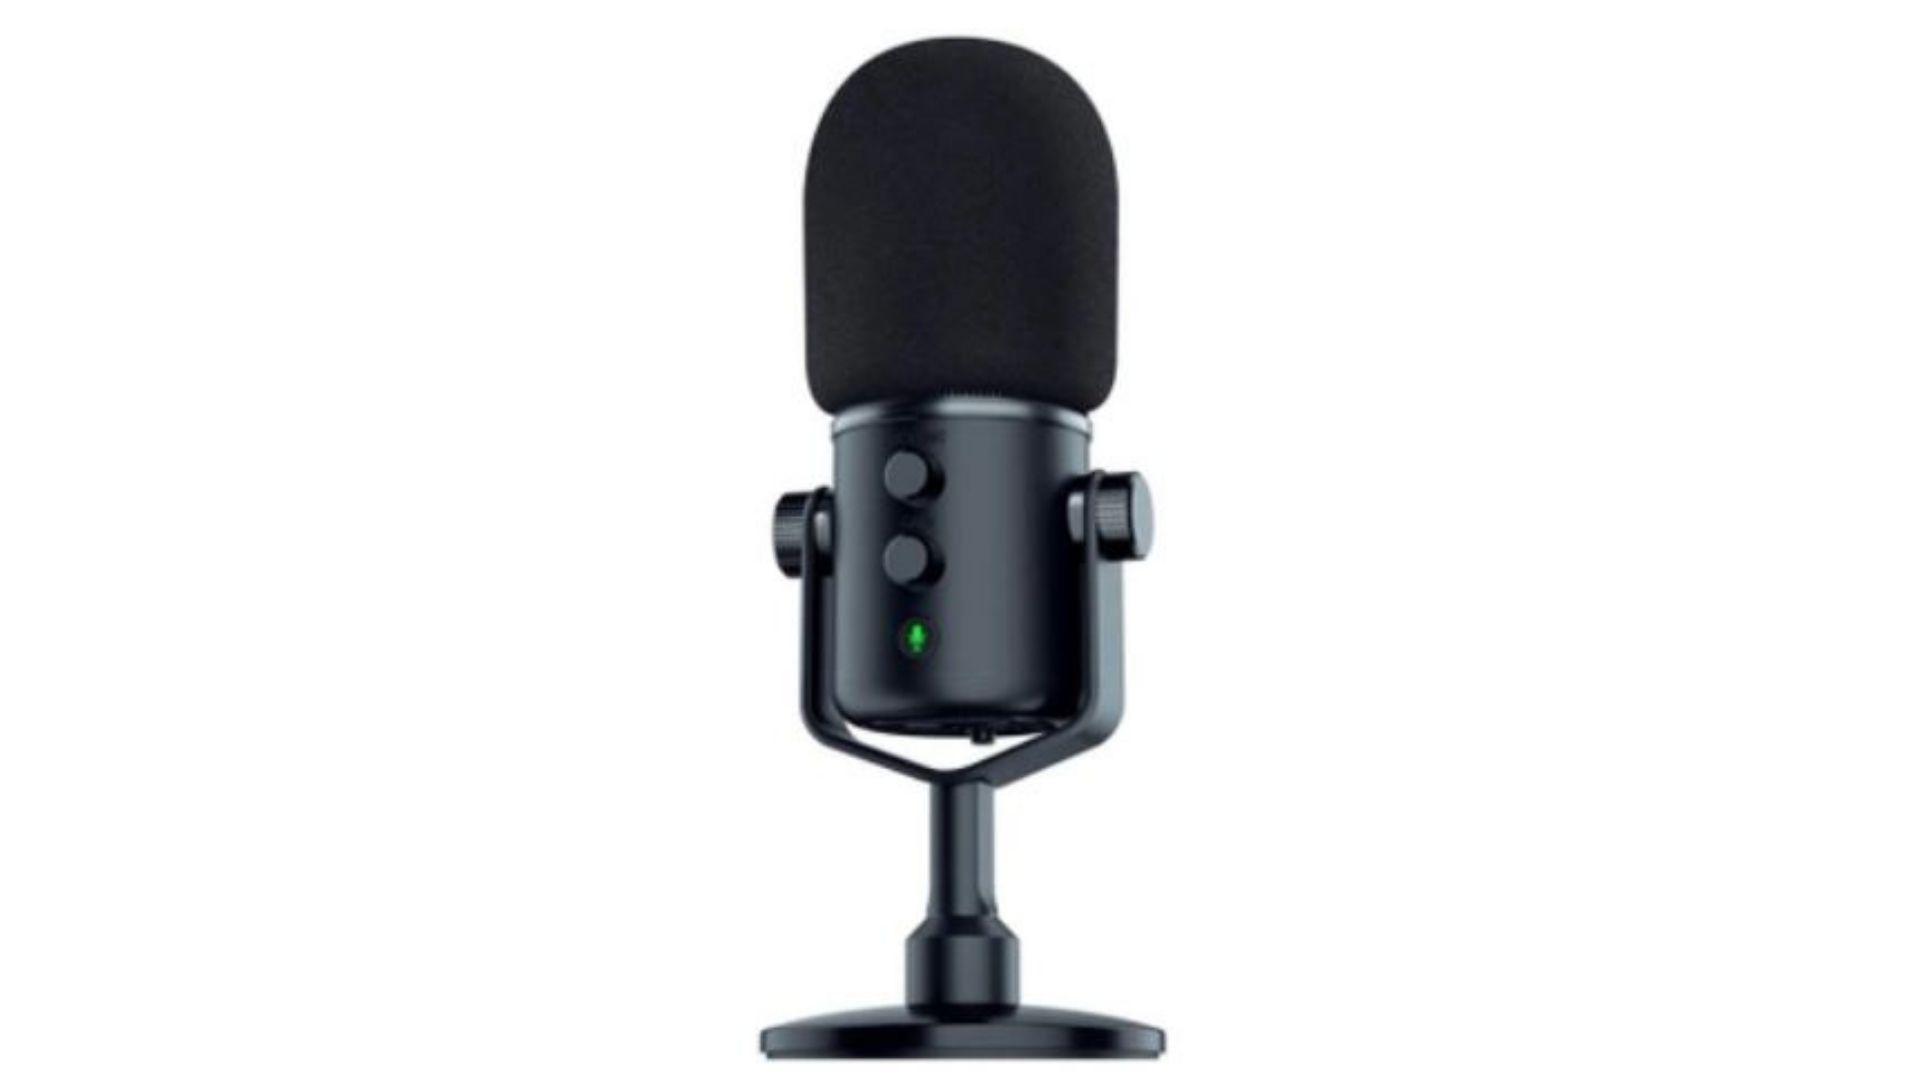 Razer Seiren Elite é indicado para instrumentos, streaming e sobreposição de voz. (Divulgação/ Razer)